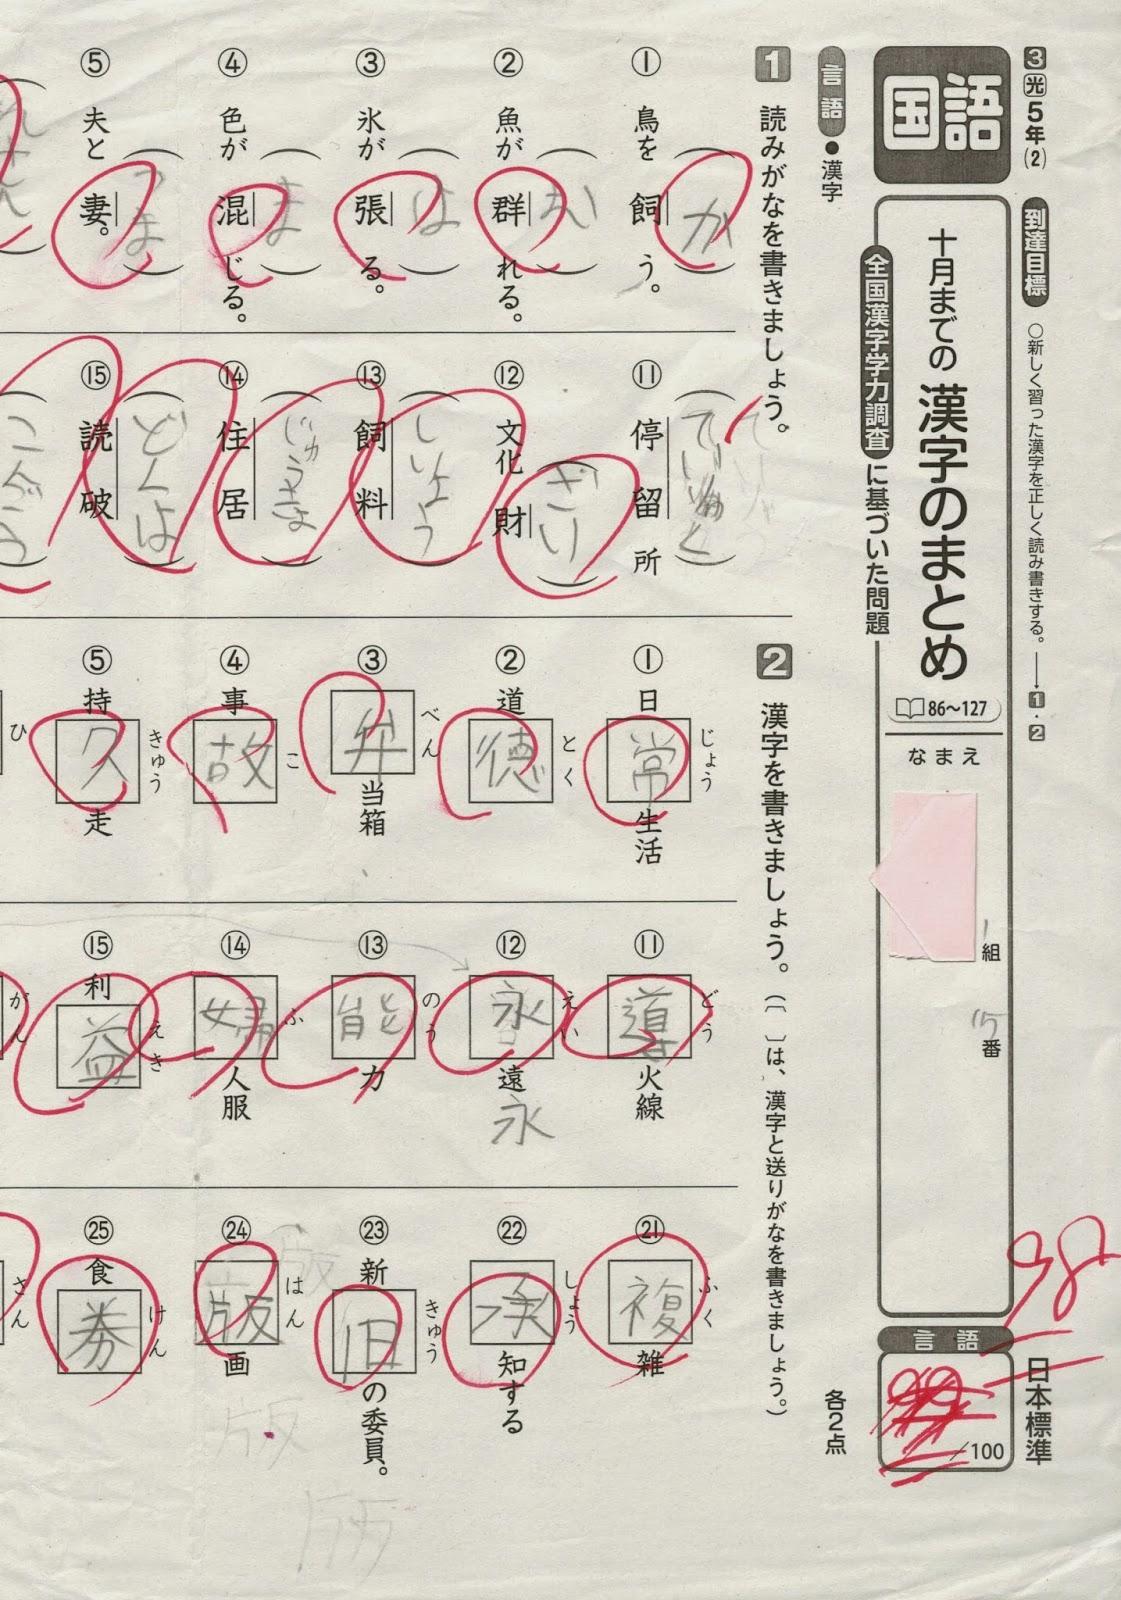 漢字 6年生漢字テスト : ... 漢字が覚えられる、道村式漢字